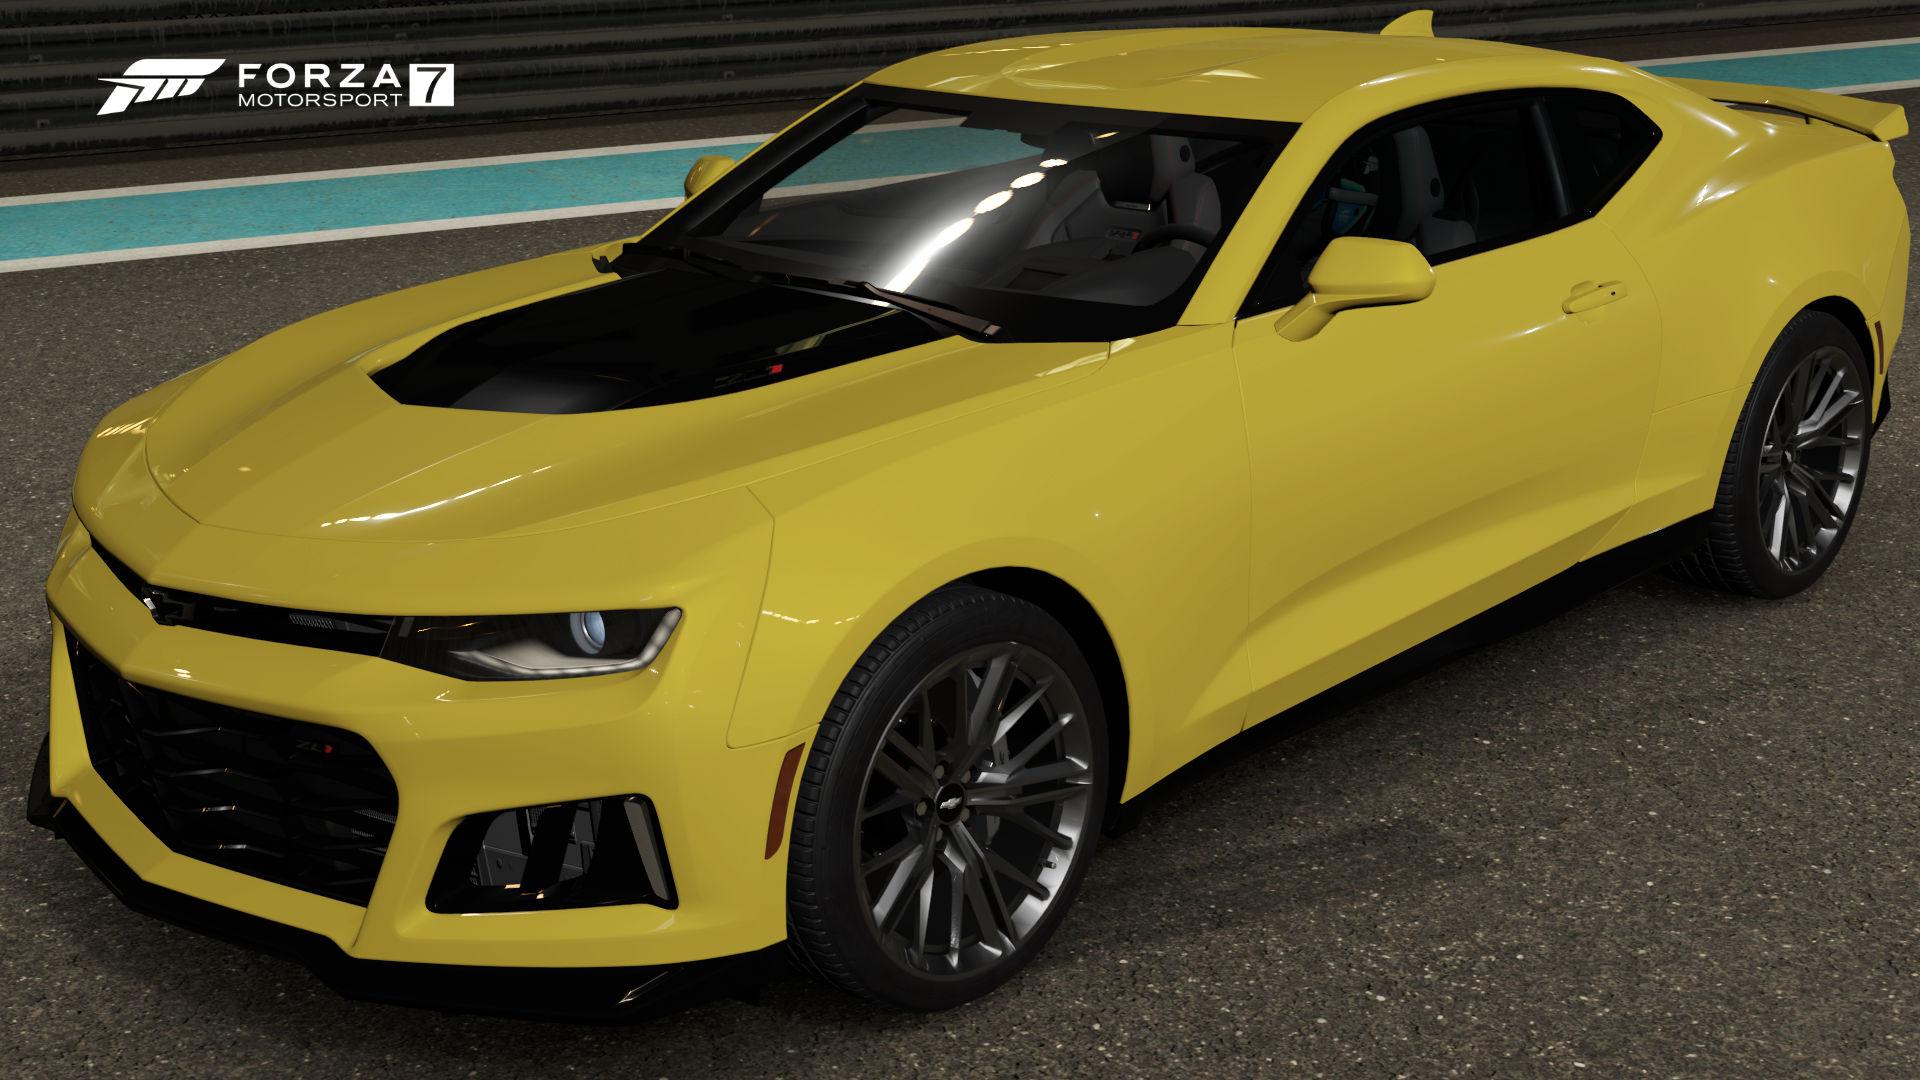 The  Chevrolet Camaro Zl In Forza Motorsport